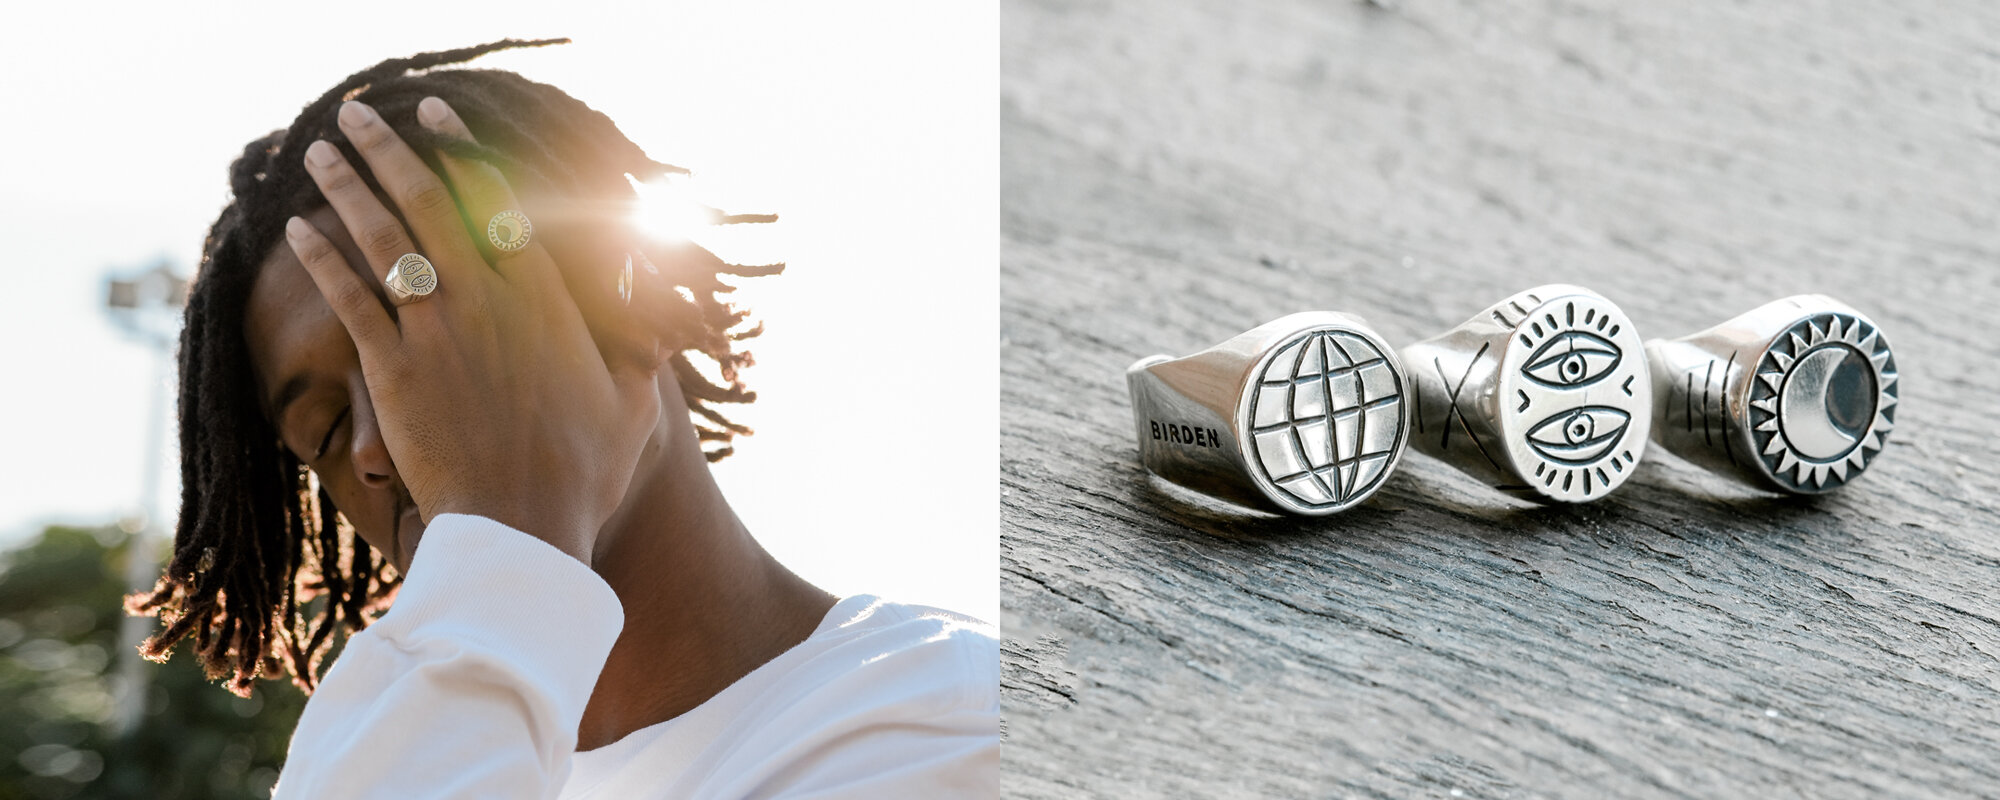 HANDMADE JEWELRY - Edição limitada de jóias em Prata